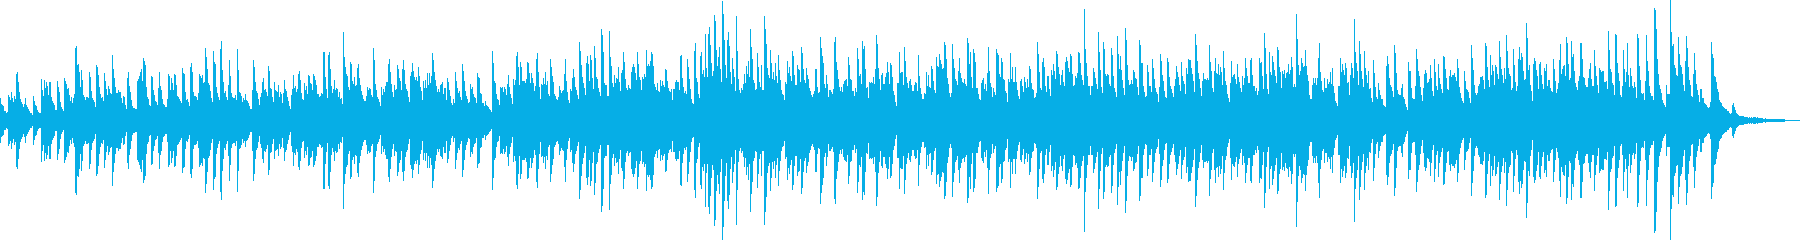 夢への一歩(ピアノソロ・爽やか・優しい)の再生済みの波形